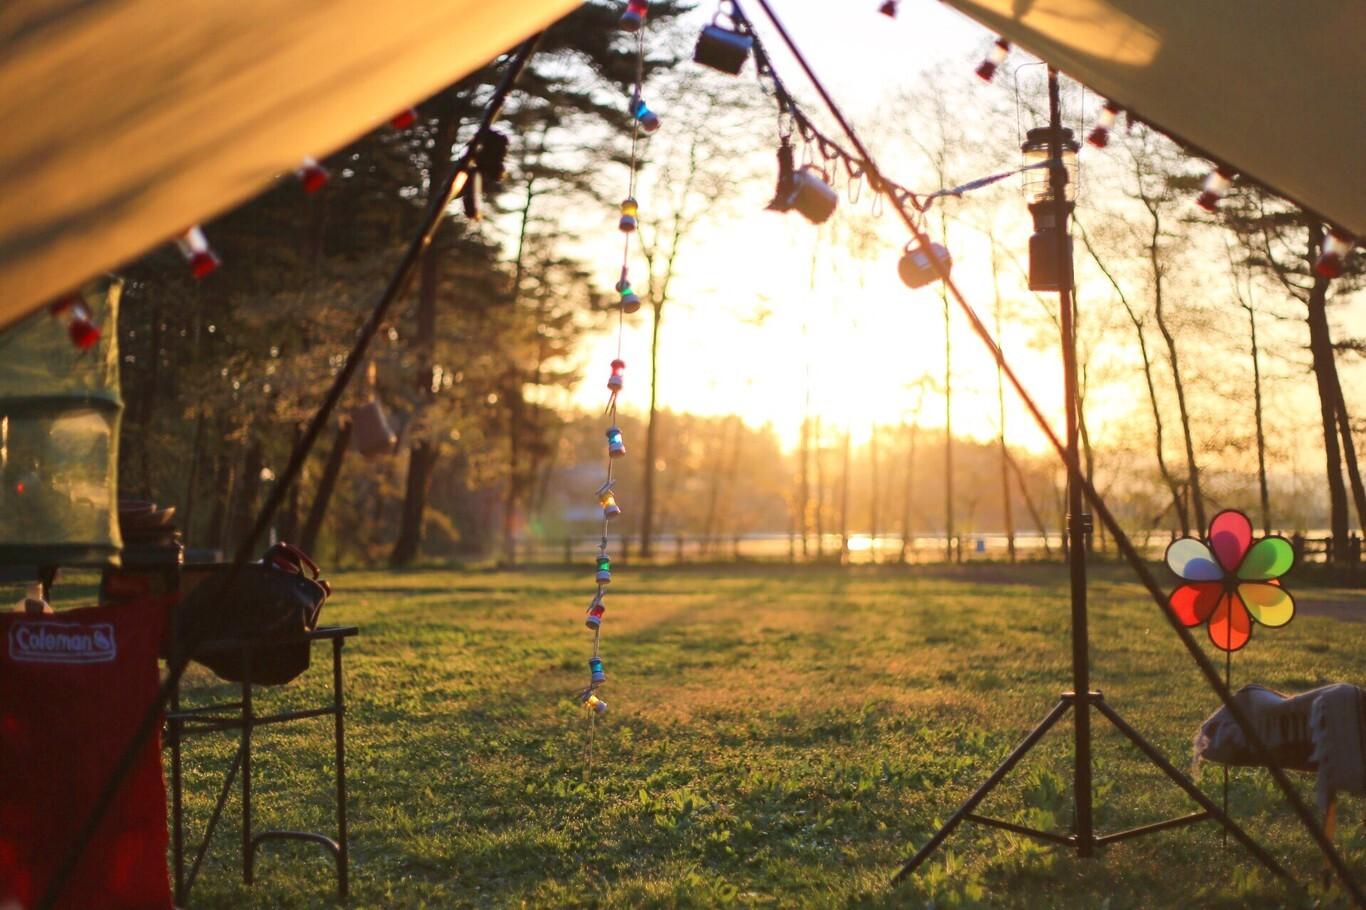 北上総合運動公園キャンプ場 の写真p1069